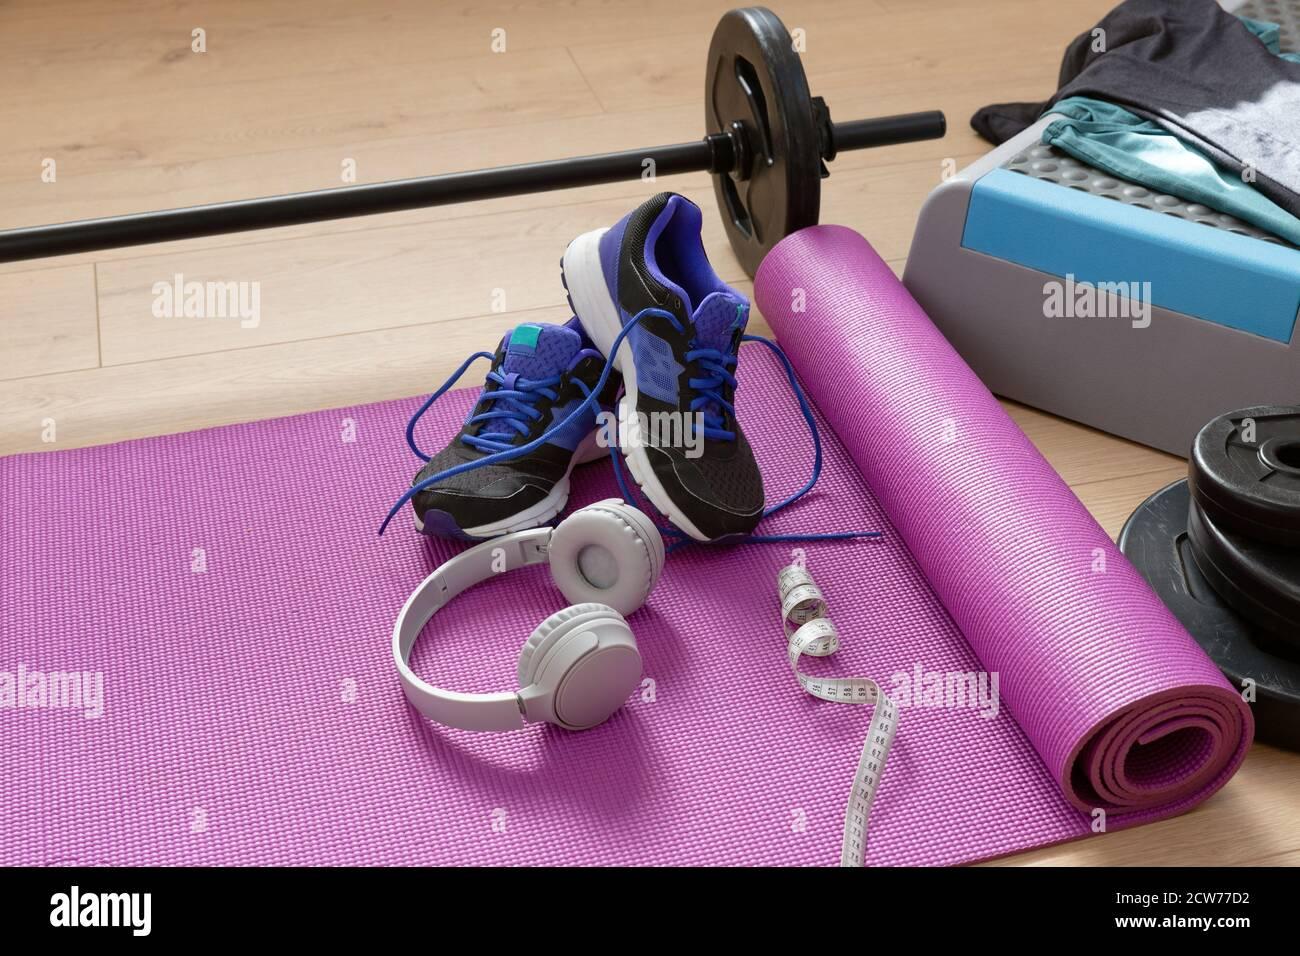 Les outils de fitness vous permettent de faire du yoga sur un sol en bois et de profiter d'un éclairage naturel. Concept de vie saine. Banque D'Images